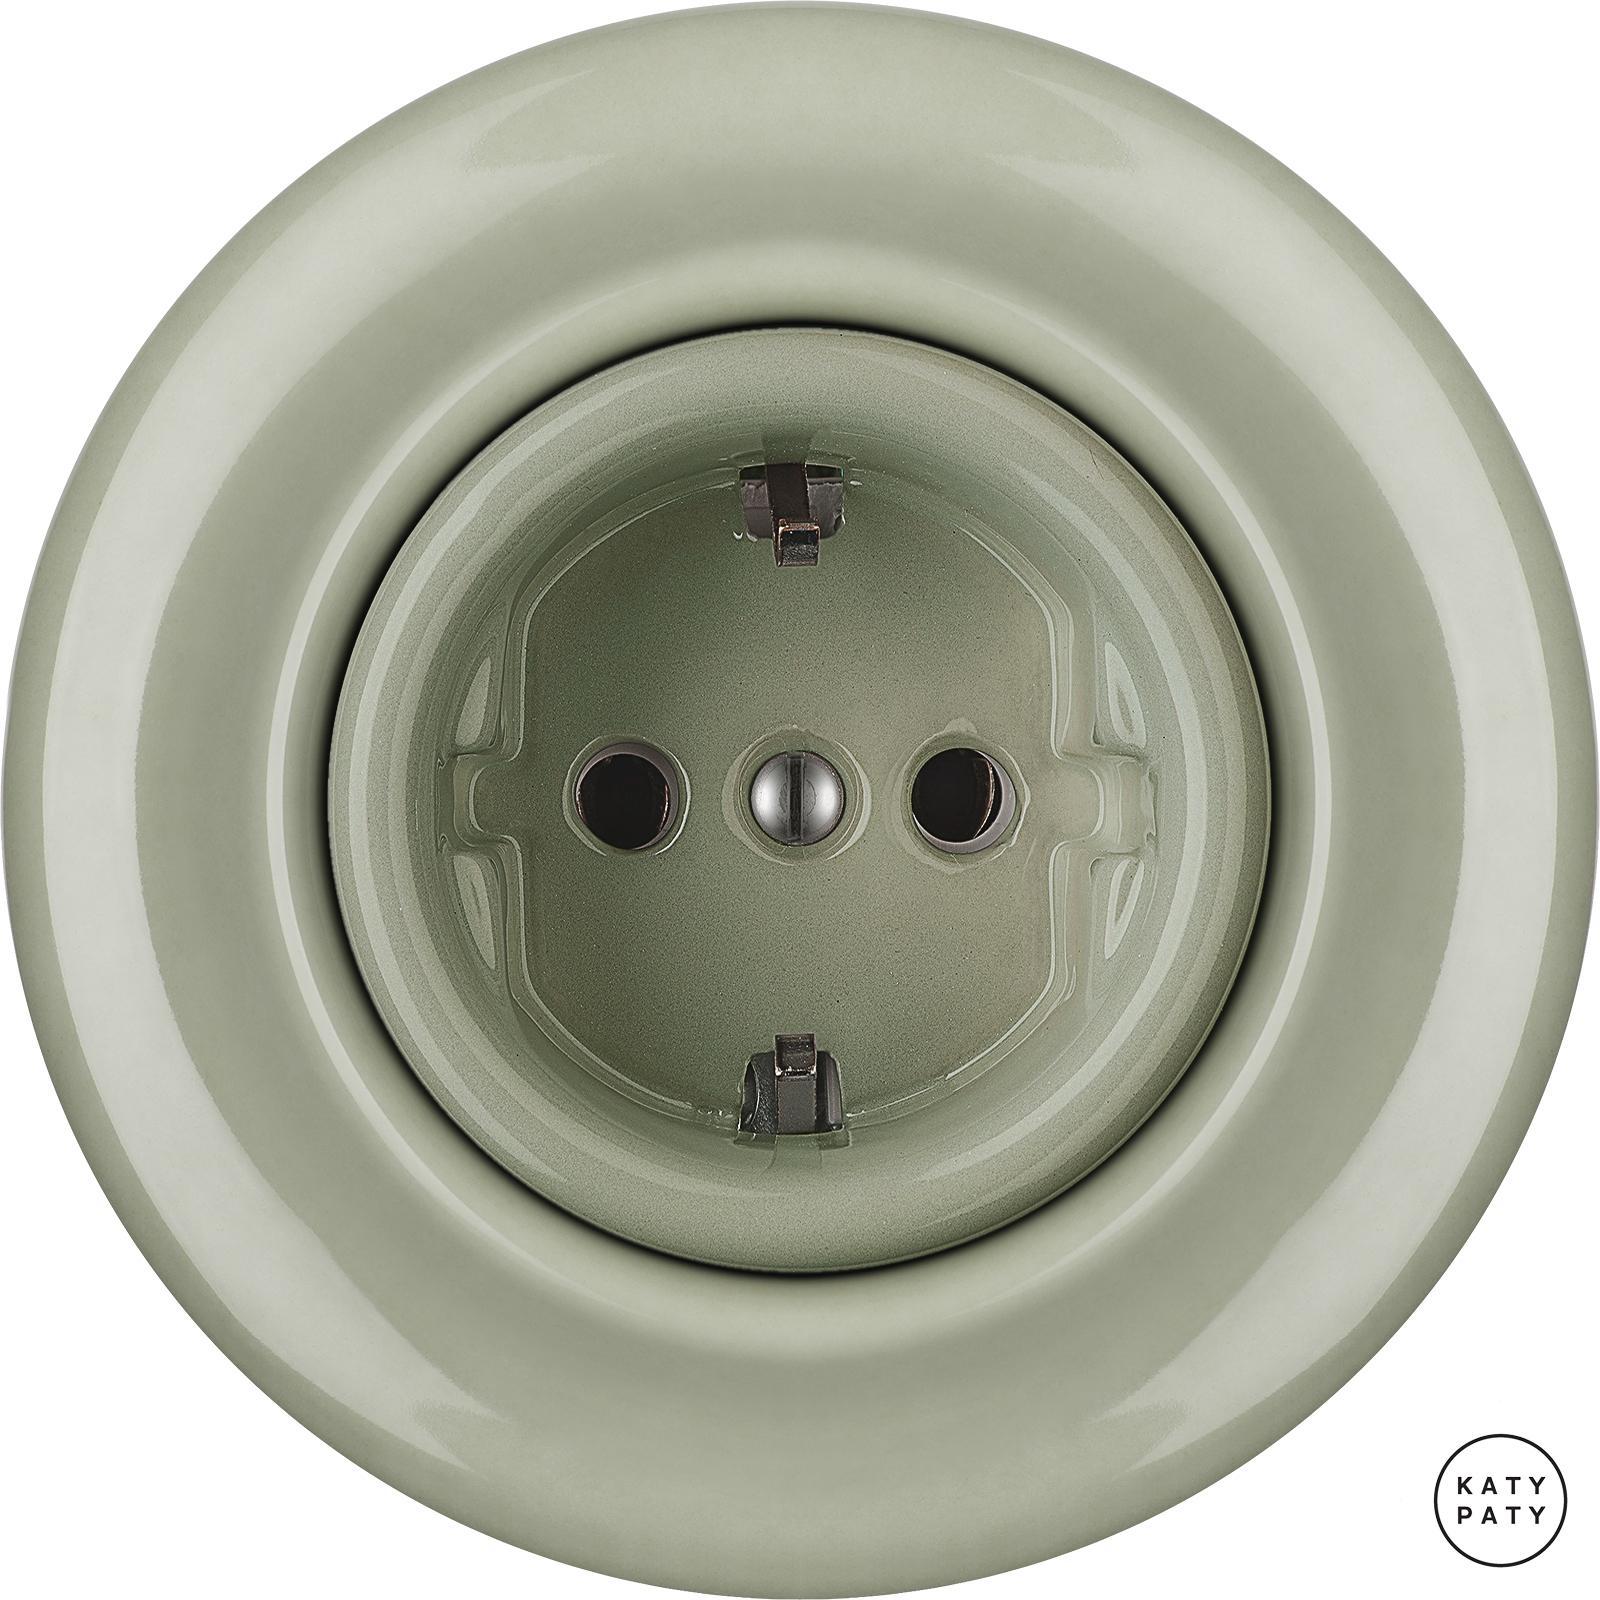 roo stopcontacten schuko chlora katy paty. Black Bedroom Furniture Sets. Home Design Ideas